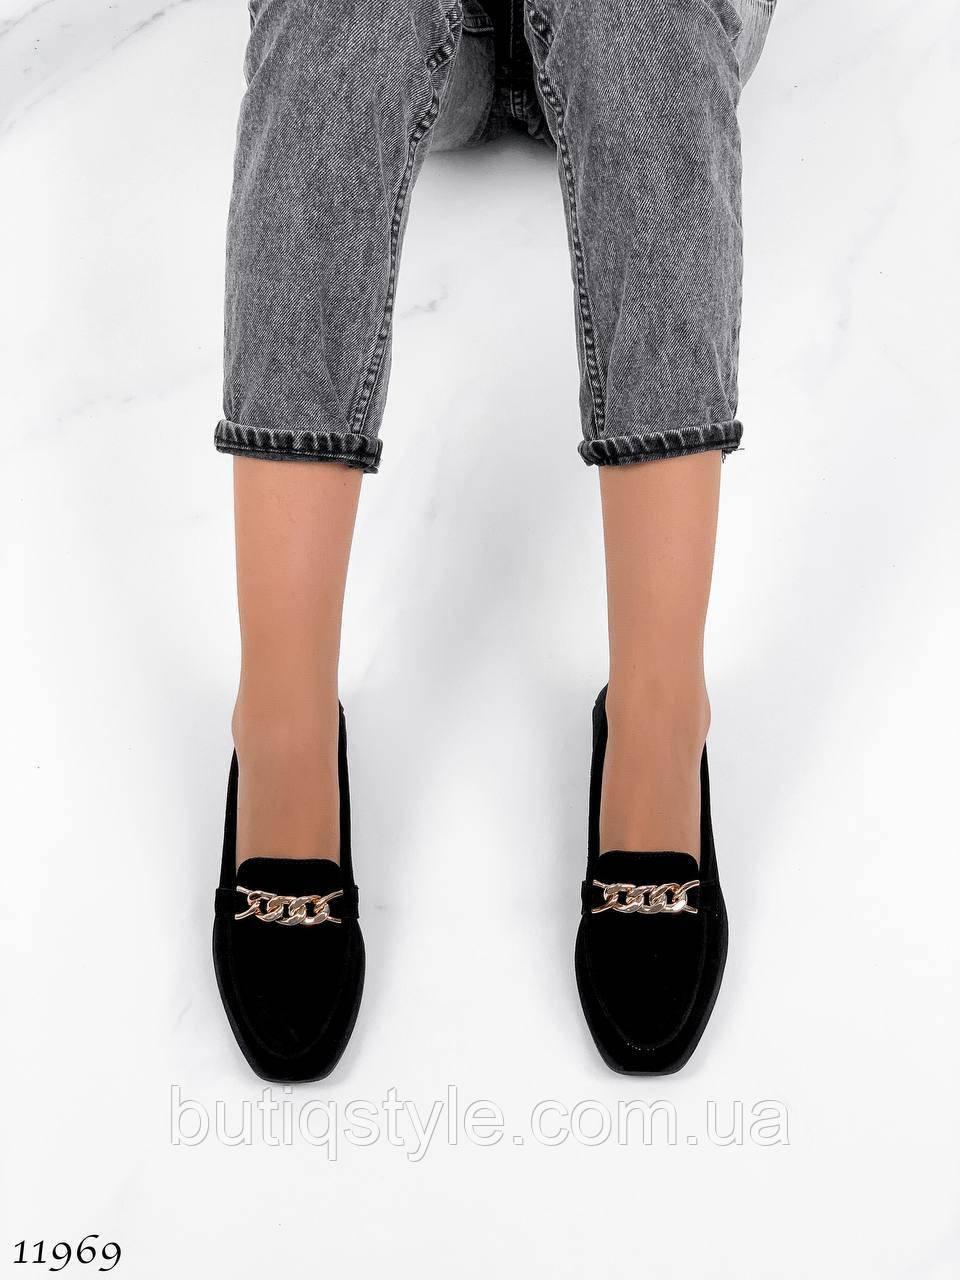 Чорні туфлі лофери натуральна замша з ланцюжком